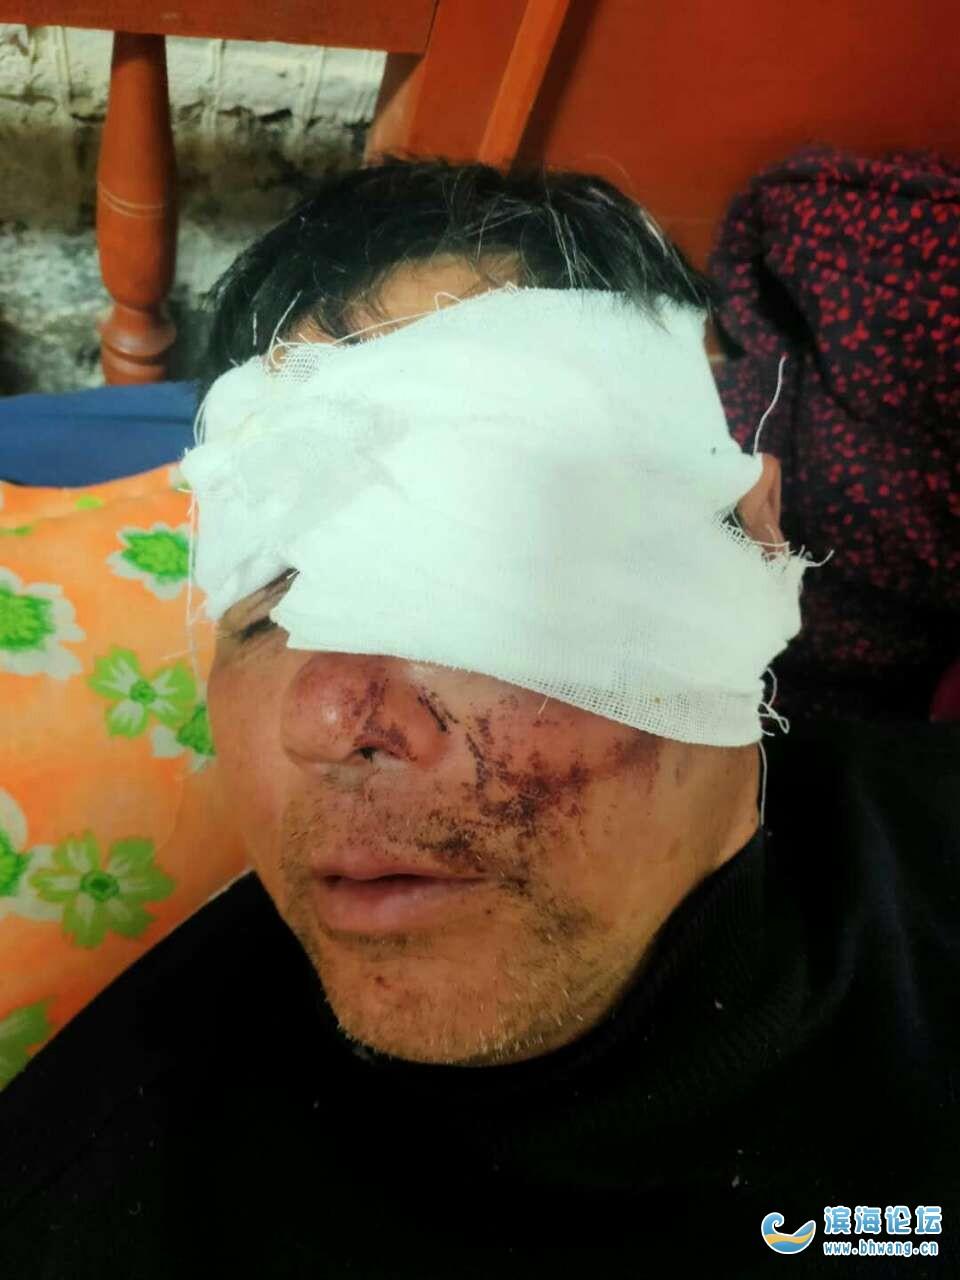 滨淮玉龙二组,顾华林被村里人打伤,凶手还在外面望政府帮忙解决,